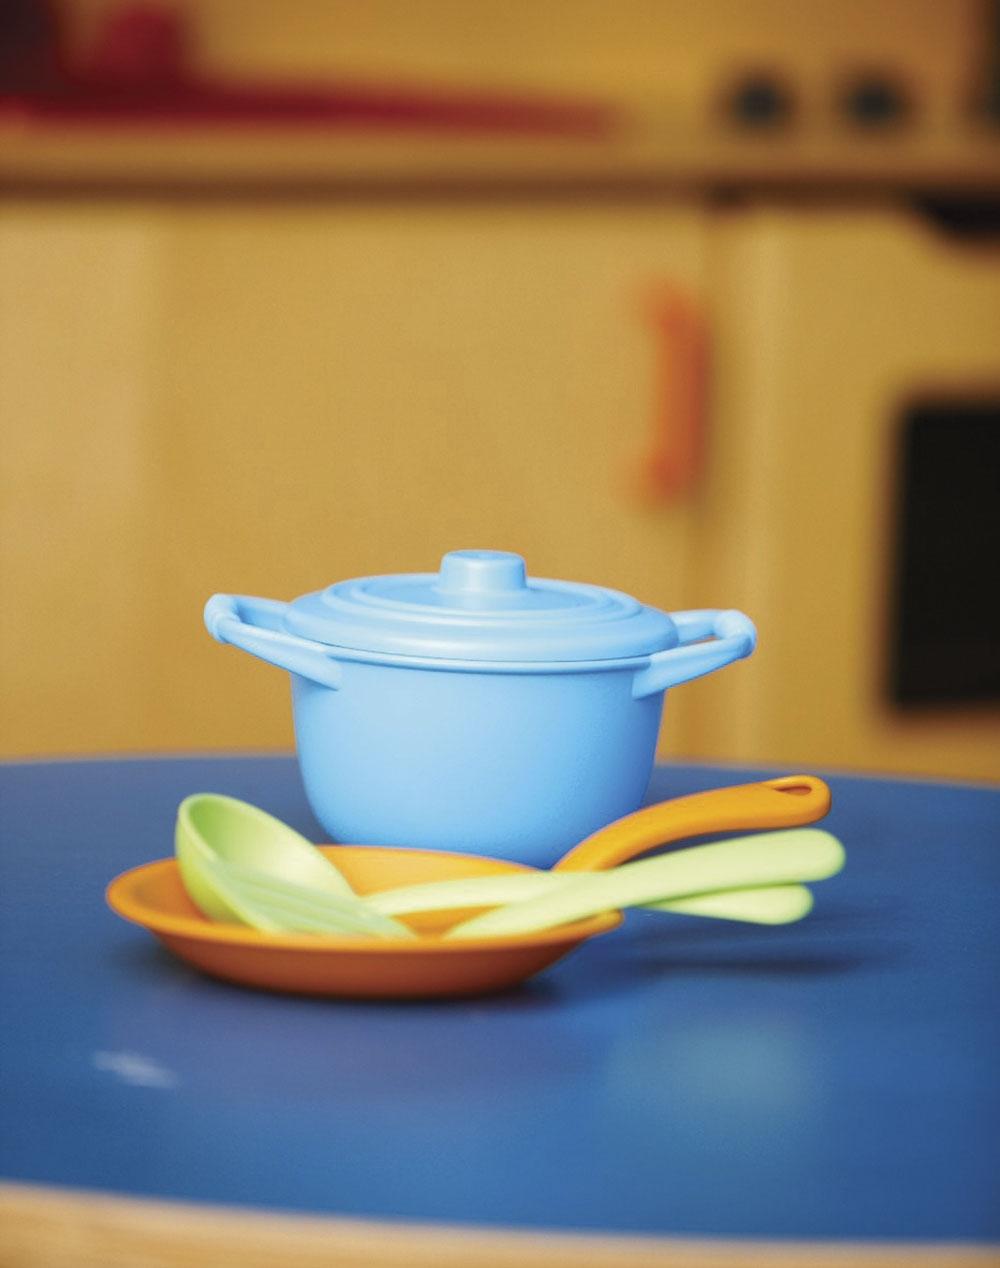 Green toys kochset fur spielkuche maman et bebe for Geschirr für spielküche